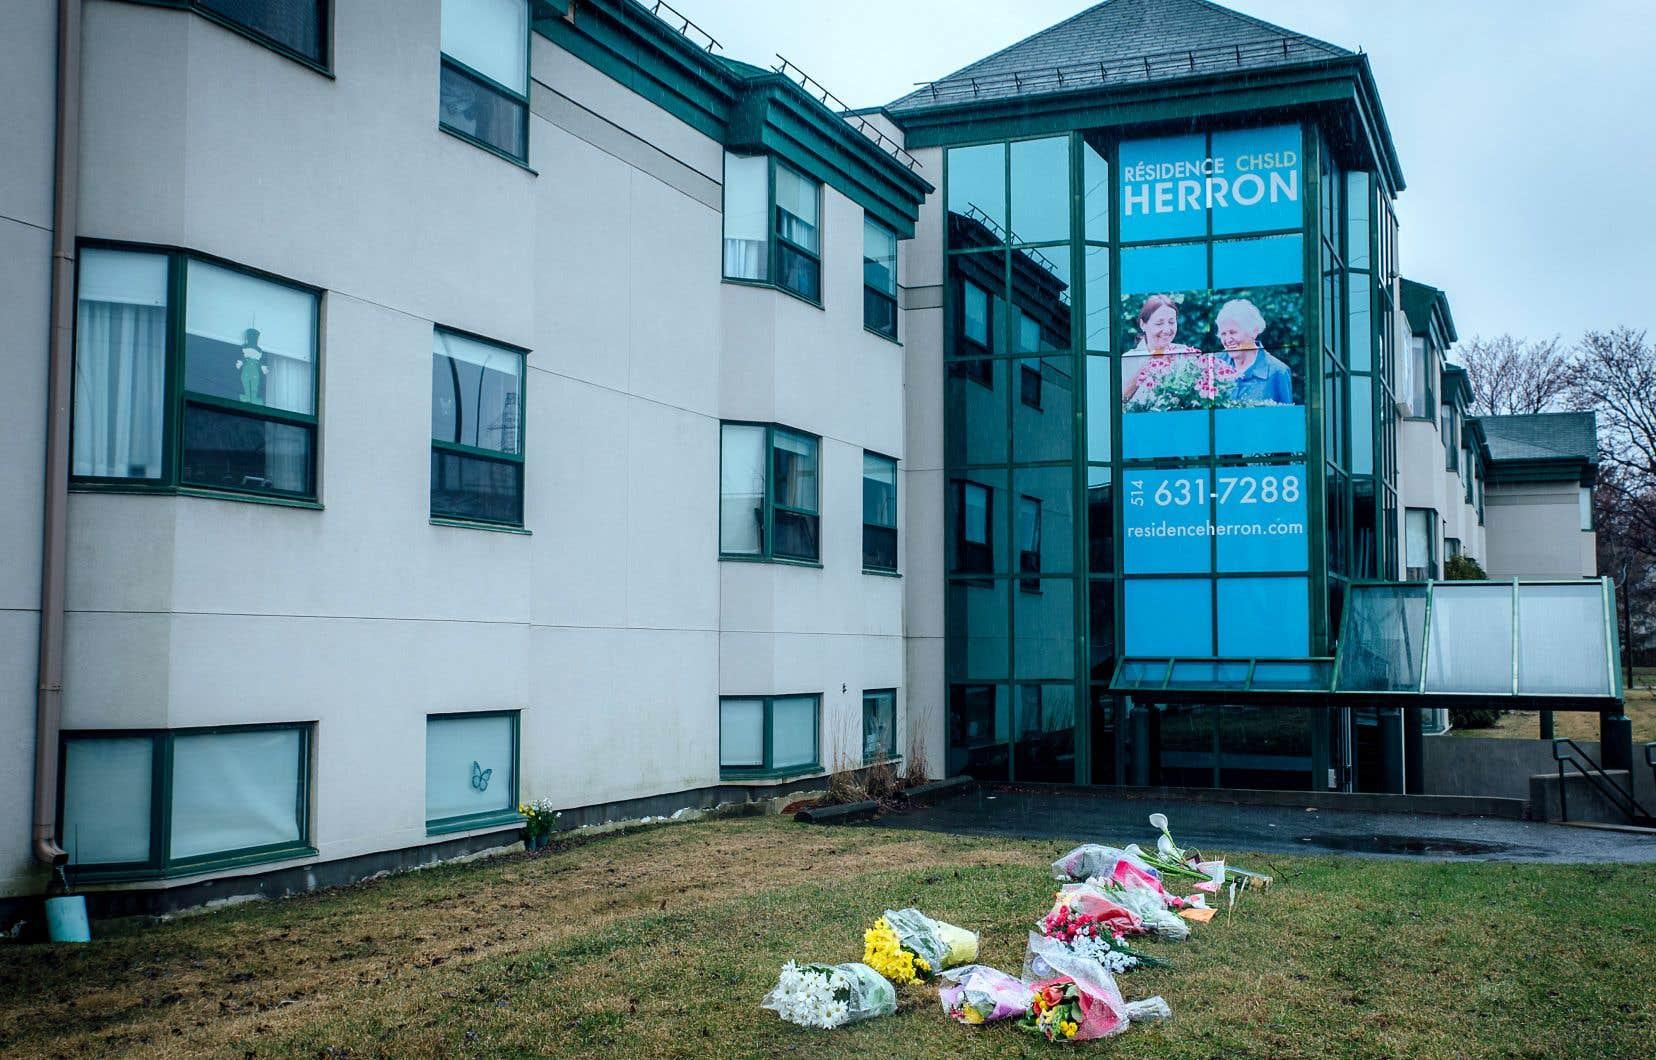 Des gerbes de fleurs ont été déposées devant le CHSLD Herron à Dorval. Le centre d'hébergement de soins de longue durée pour les personnes âgées a connu un nombre record de 31 décès sur 150 résidents lors de la première vague de COVID-19.